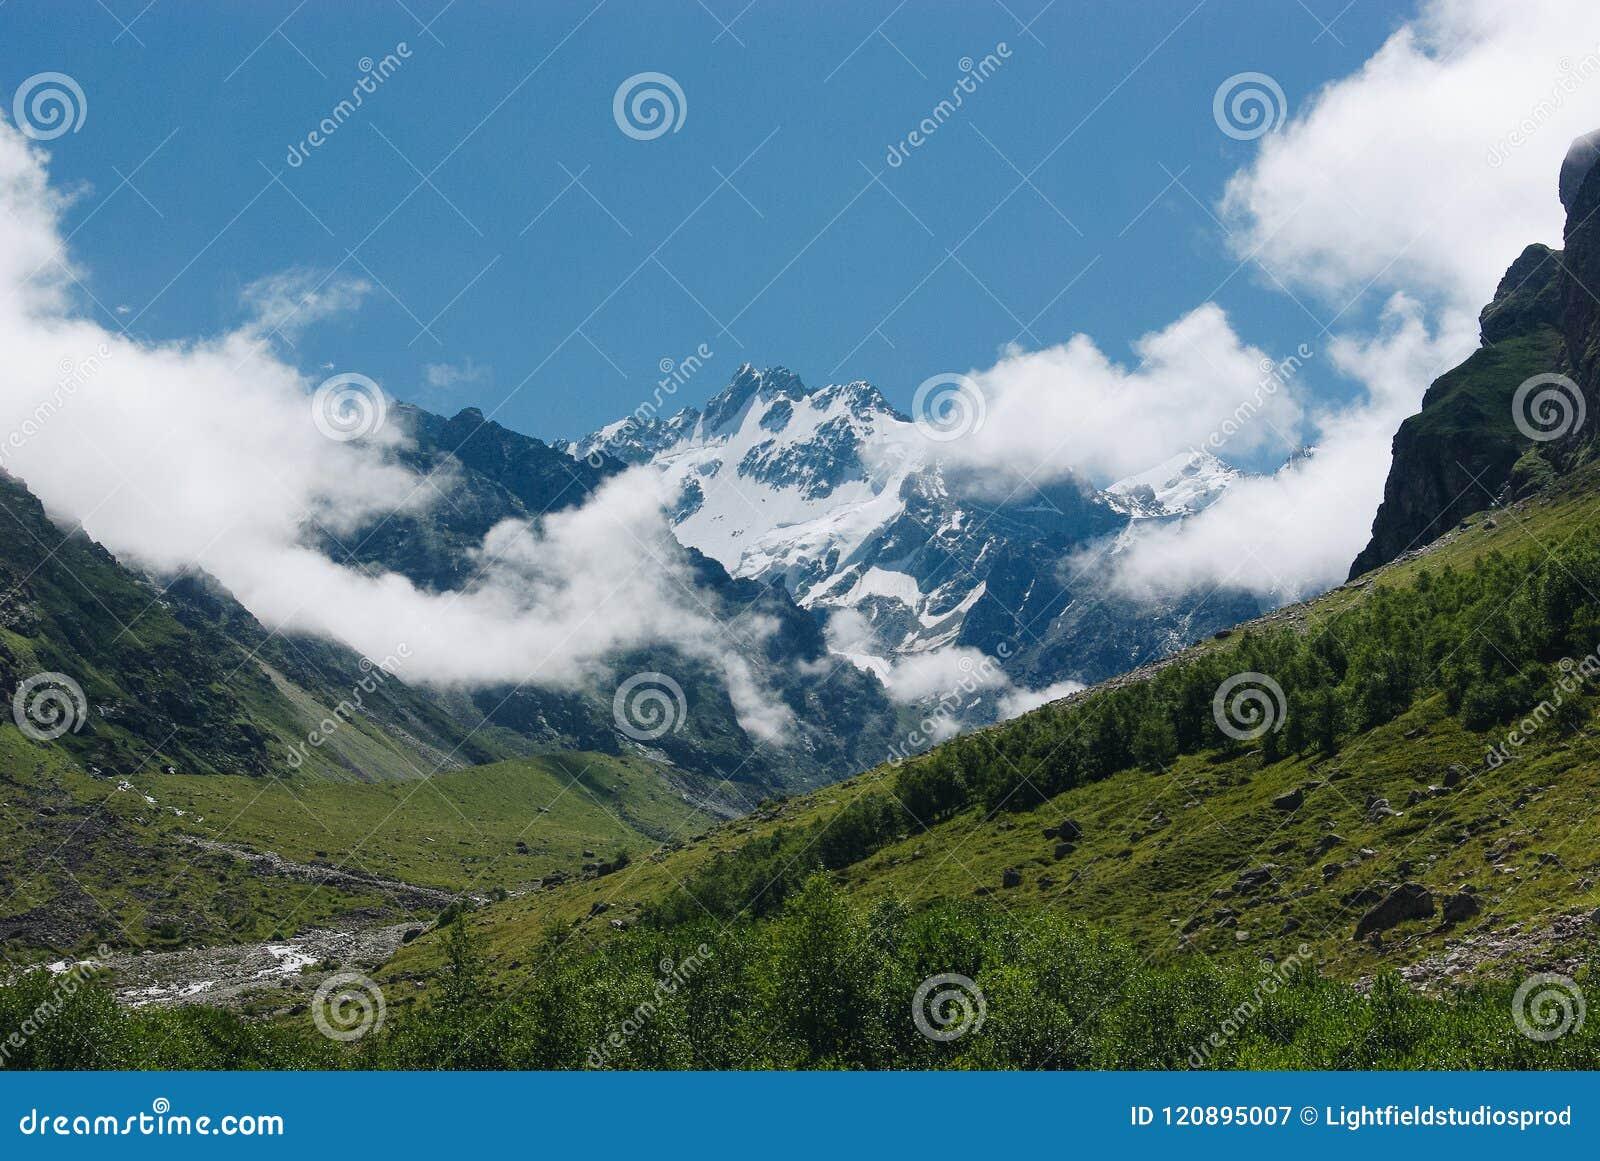 La vista asombrosa de montañas ajardina con la nieve, Federación Rusa, el Cáucaso,